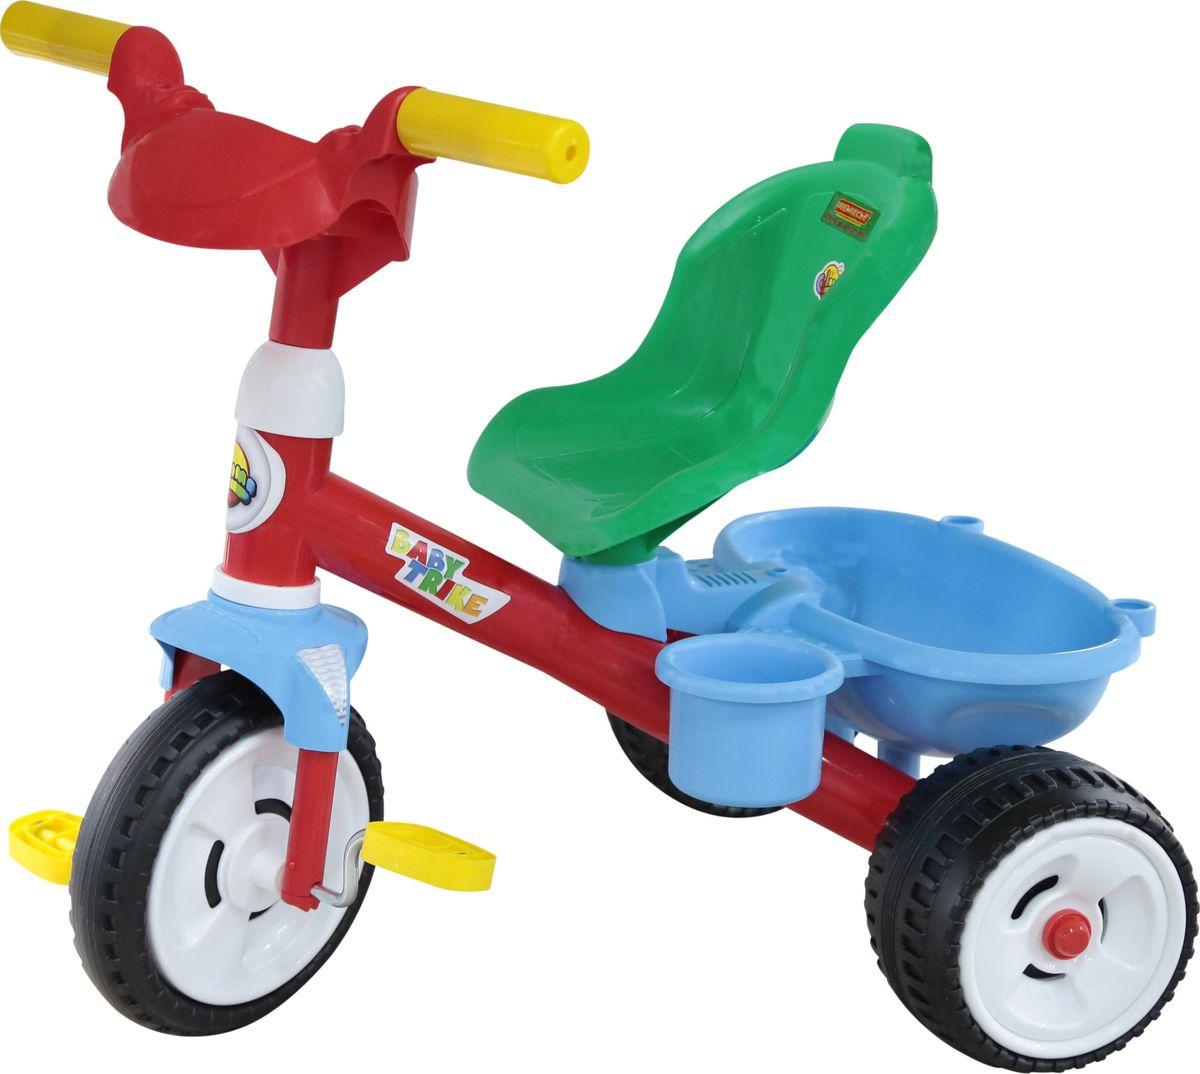 Полесье Велосипед трехколесный Беби Трайк, цвет в ассортименте велосипед eltreco eltreco велогибрид 2018 2018